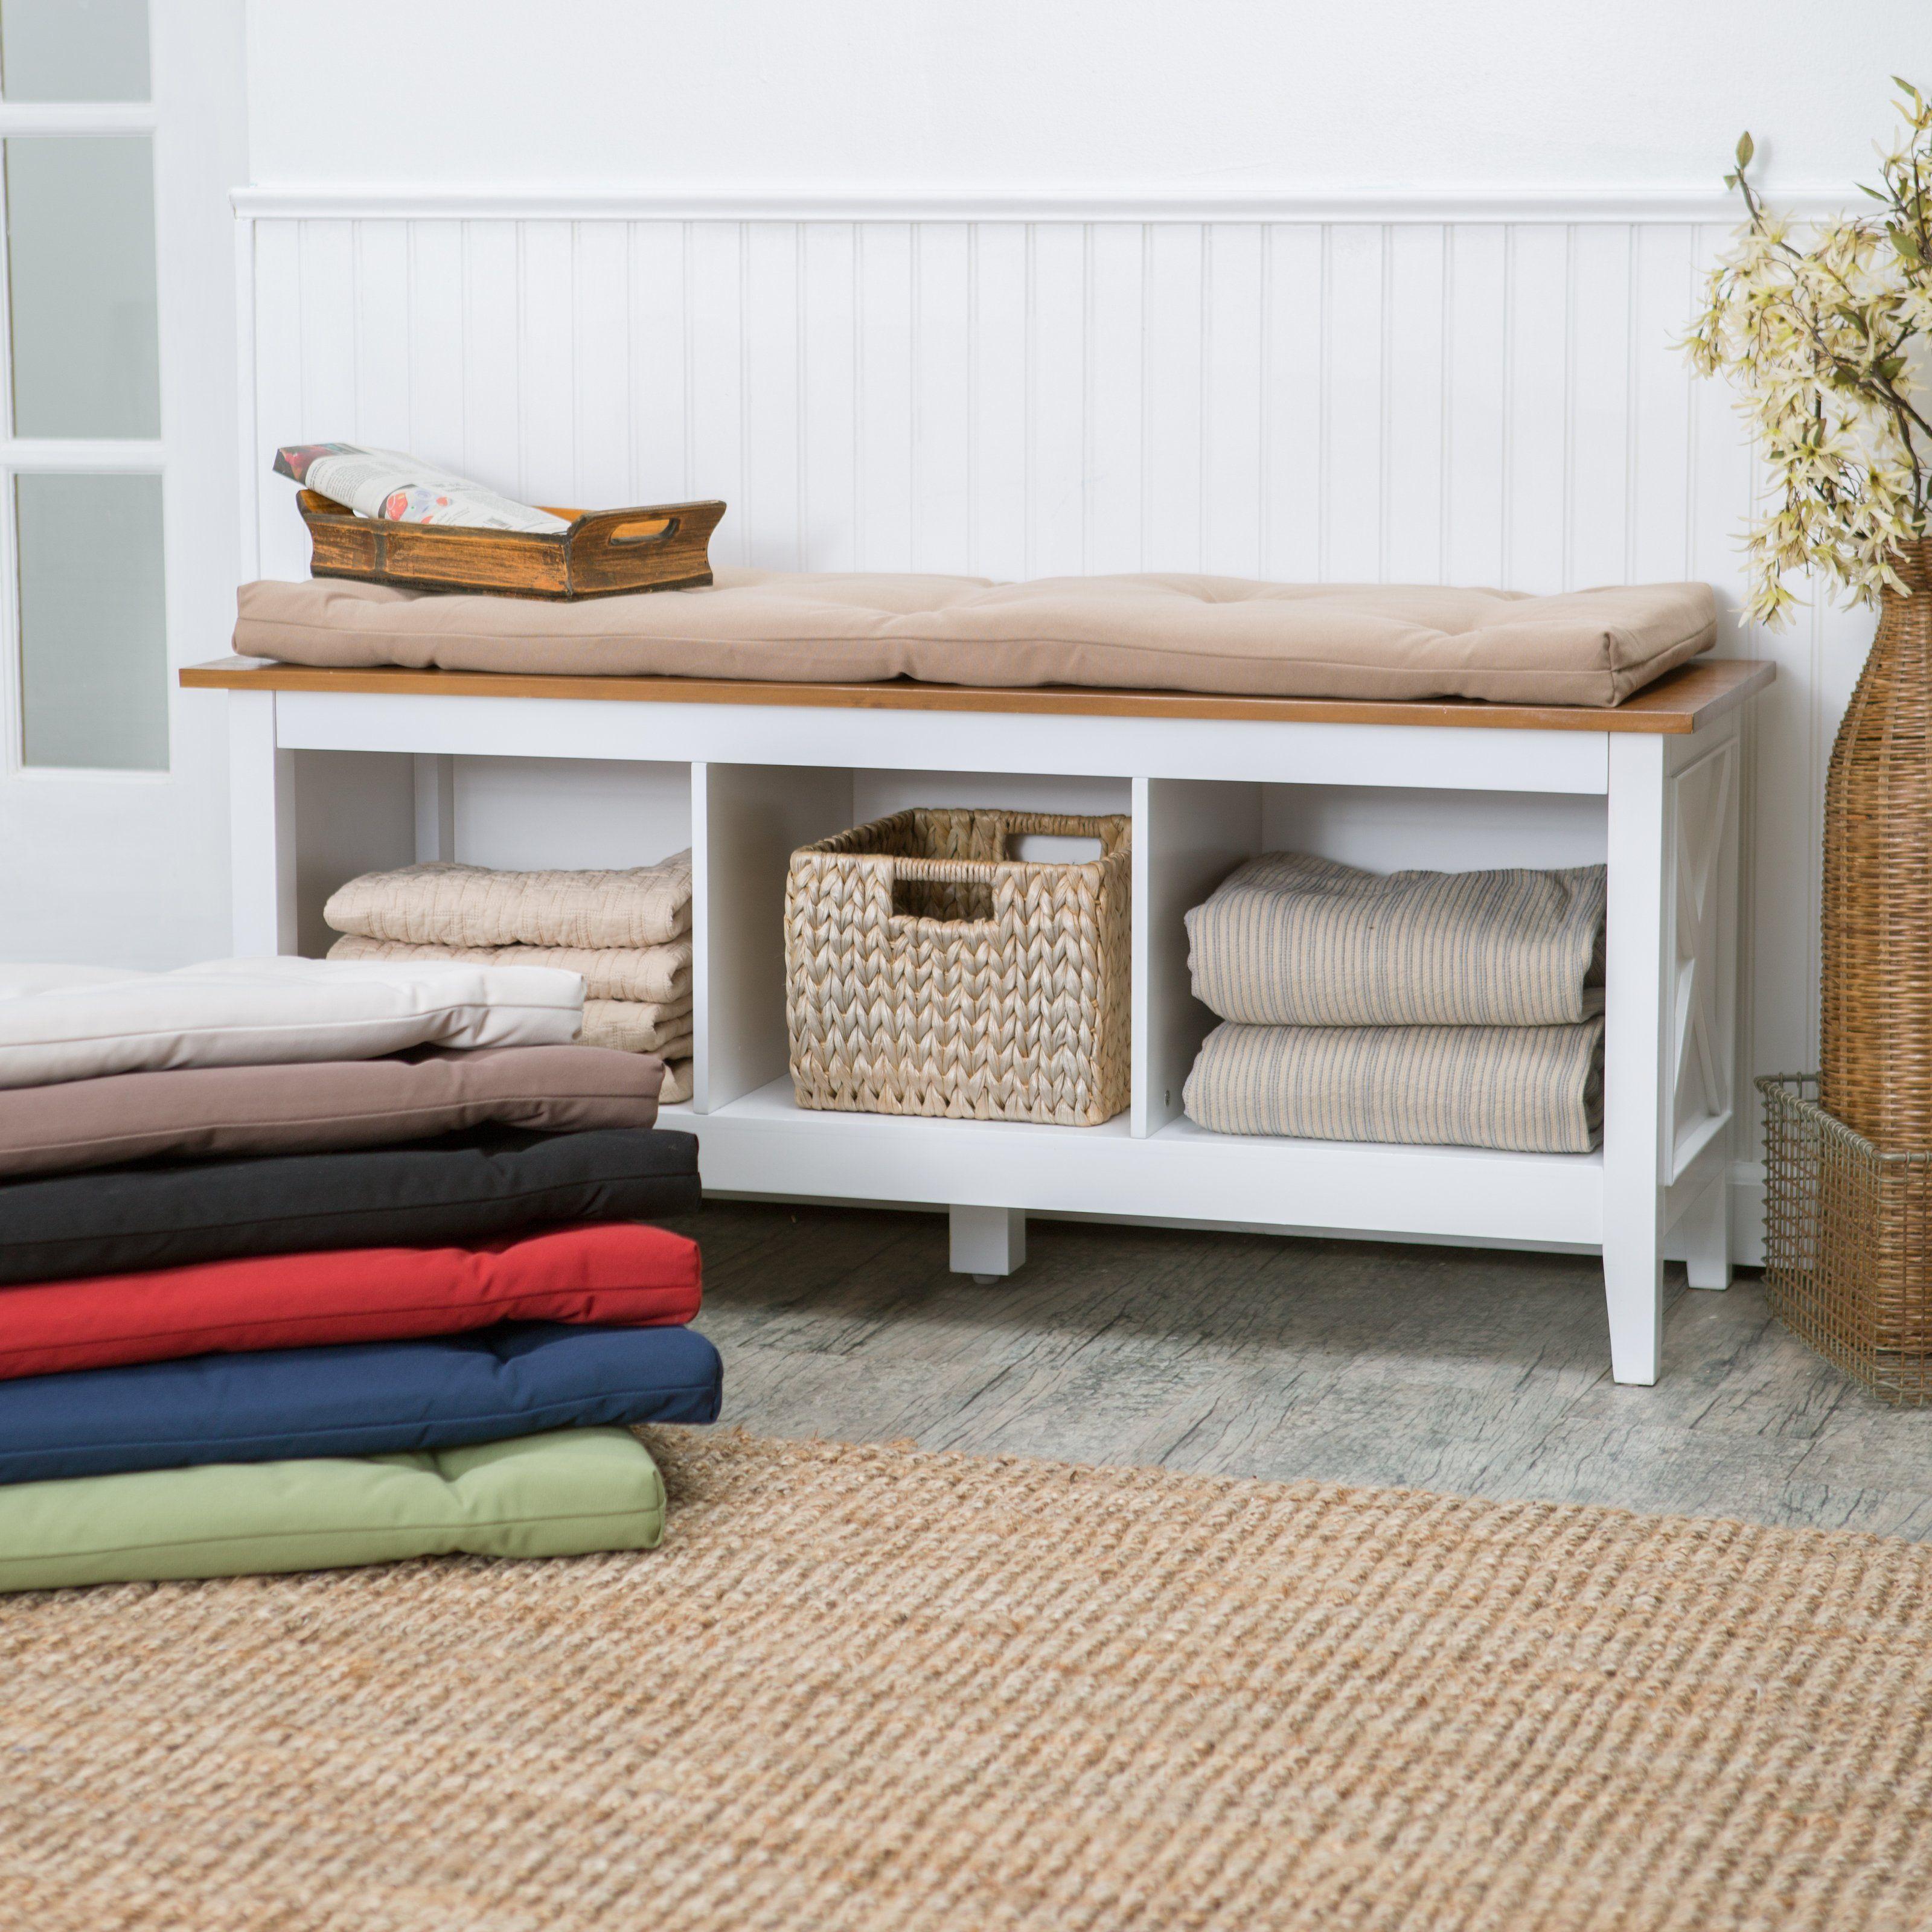 Deauville 45 X 16 Storage Bench Cushion Www Hayneedle Com Indoor Storage Bench Living Room Storage Bench Storage Bench With Cushion